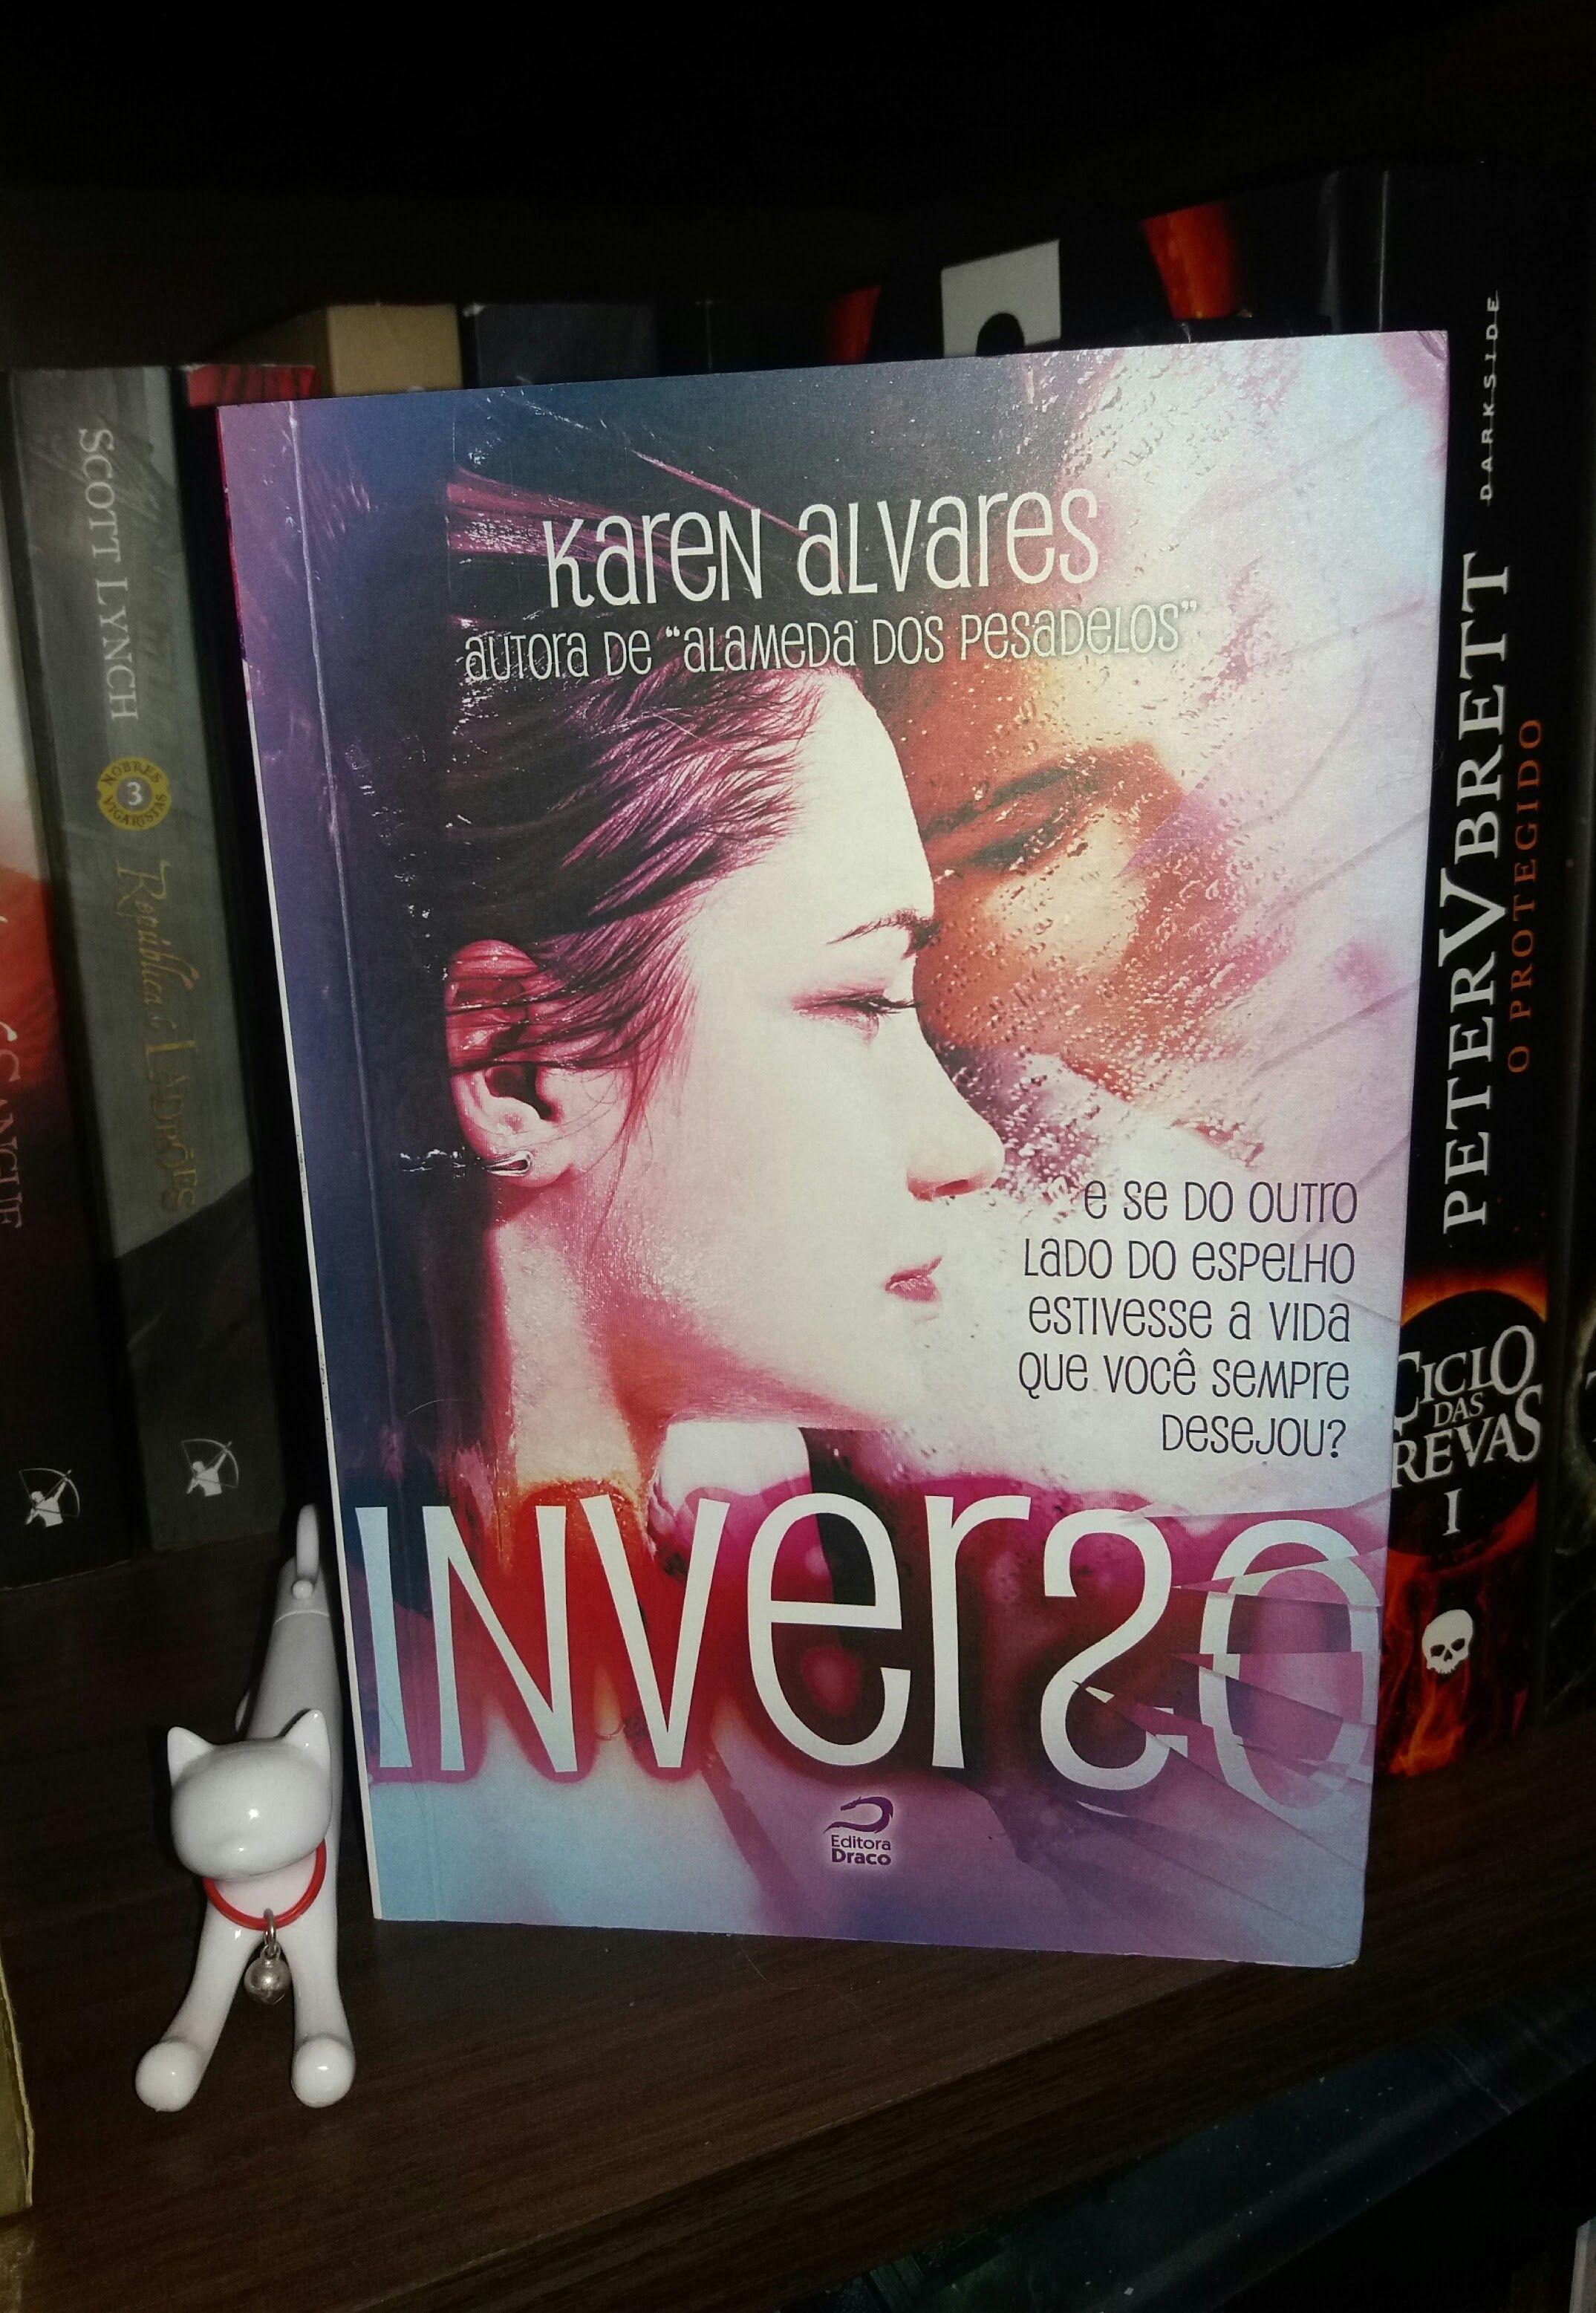 """A resenha da semana é de """"Inverso"""", livro de Karen Alvares. Confiram!"""